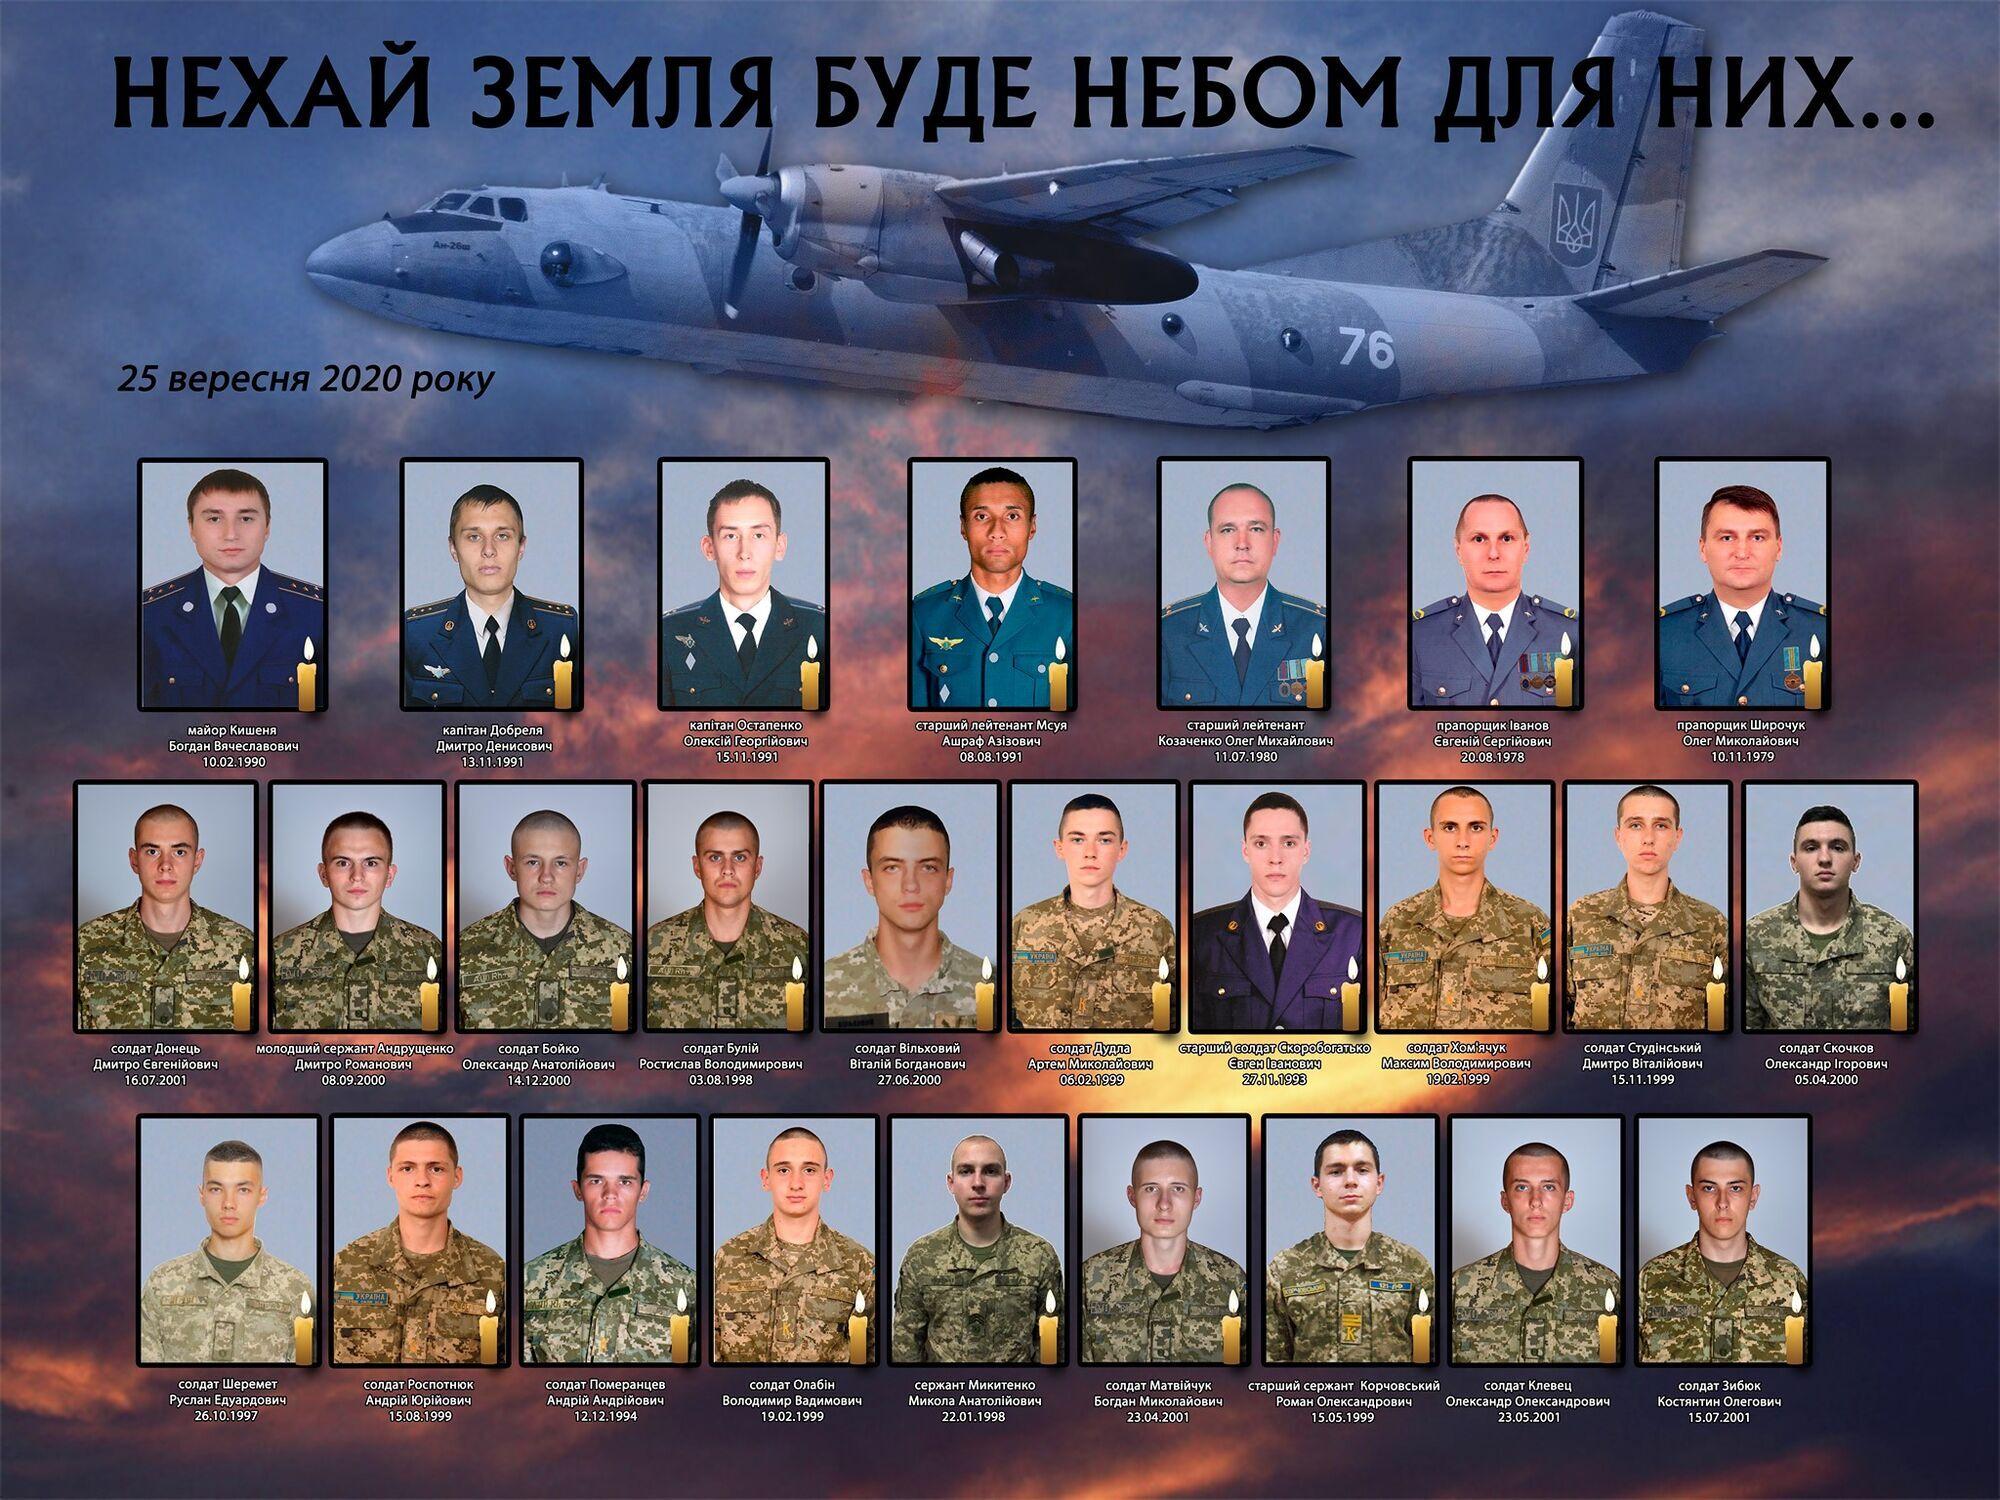 Унаслідок авіакатастрофи Ан-26 під Чугуєвом загинуло 26 осіб.